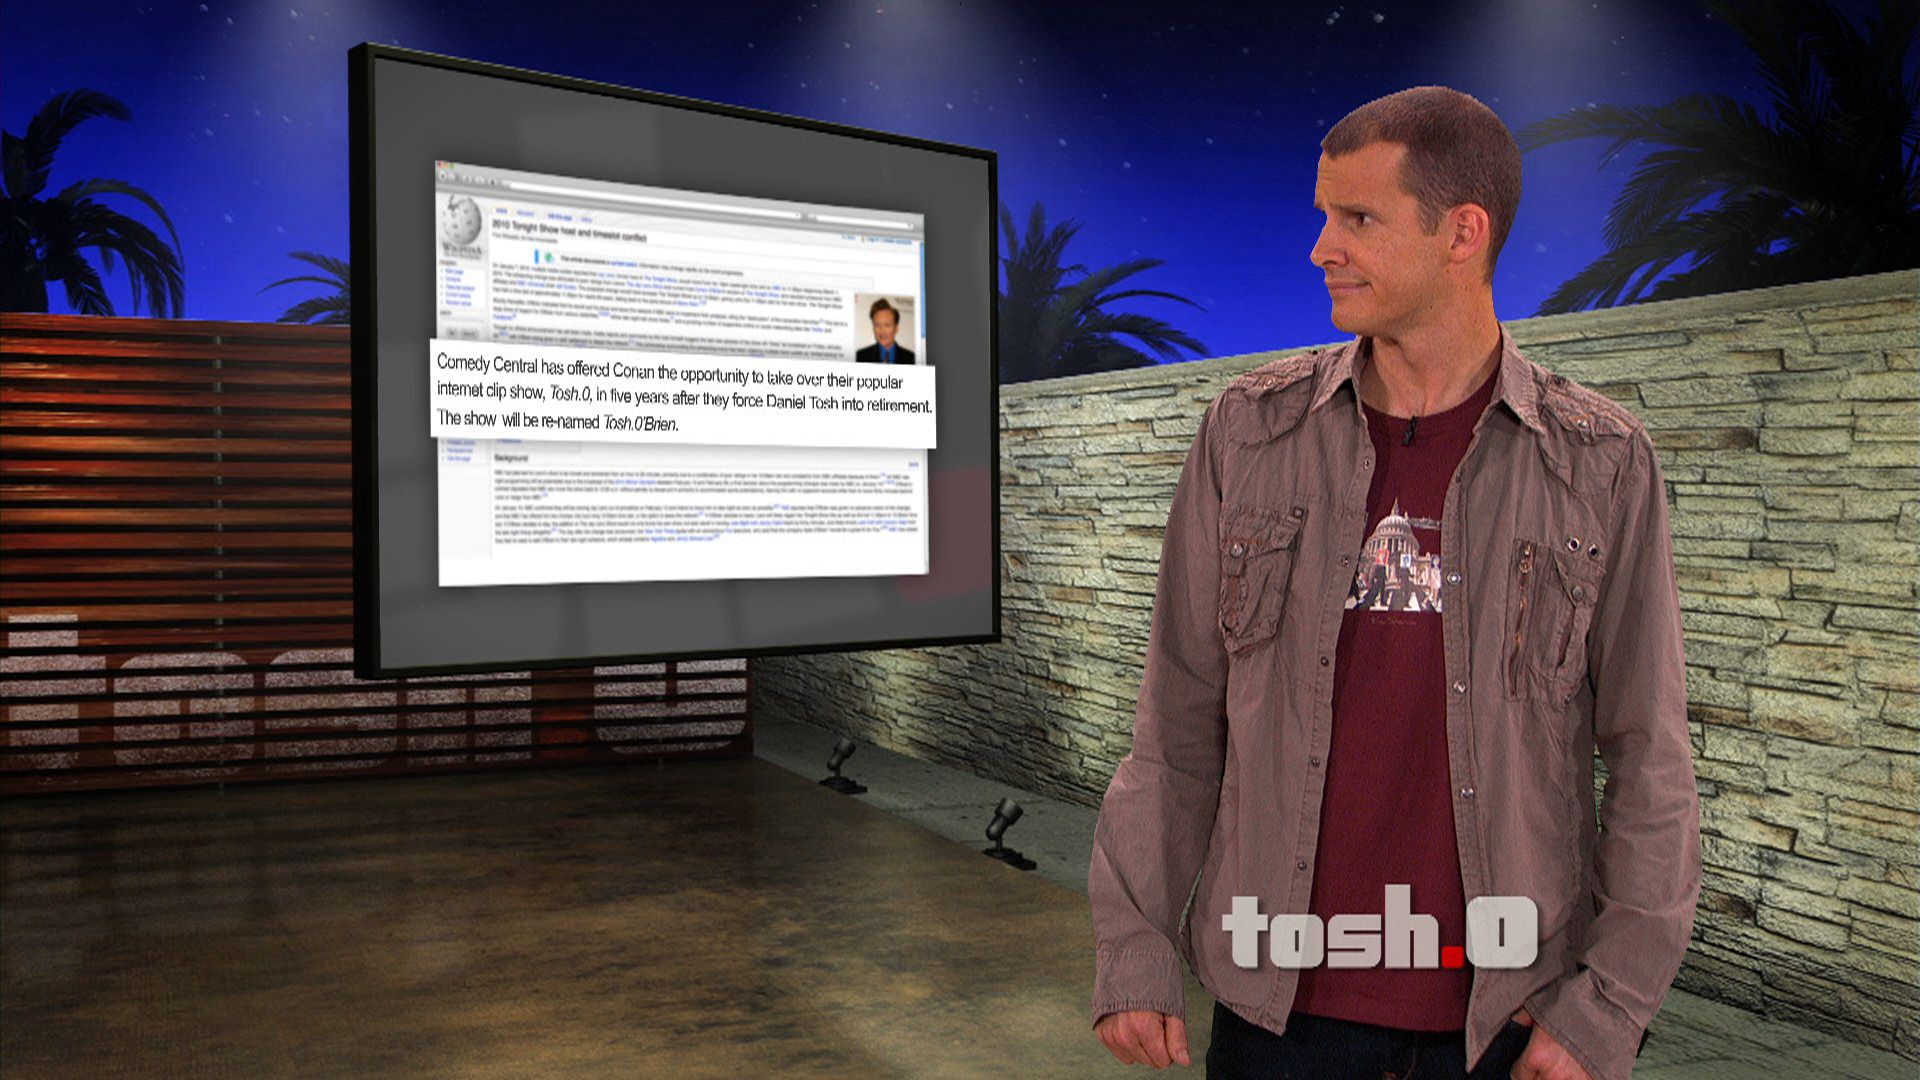 toshobrien tosh0 video clip comedy central